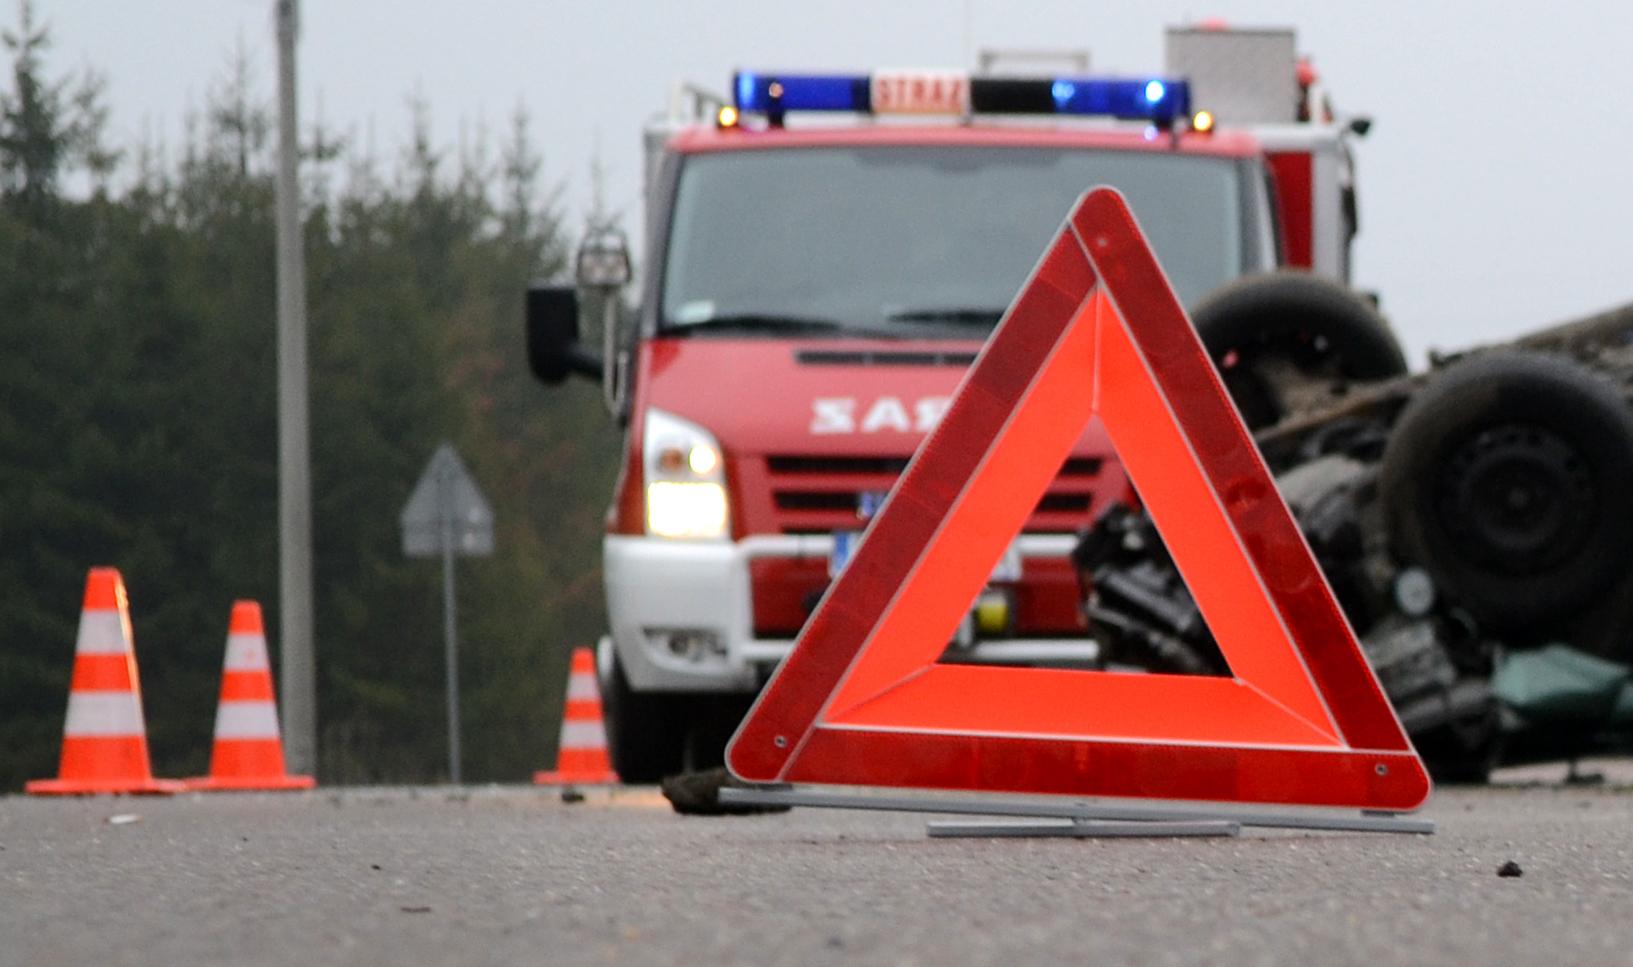 Wypadek na drodze krajowej w Cmolasie [FOTO] - Zdjęcie główne